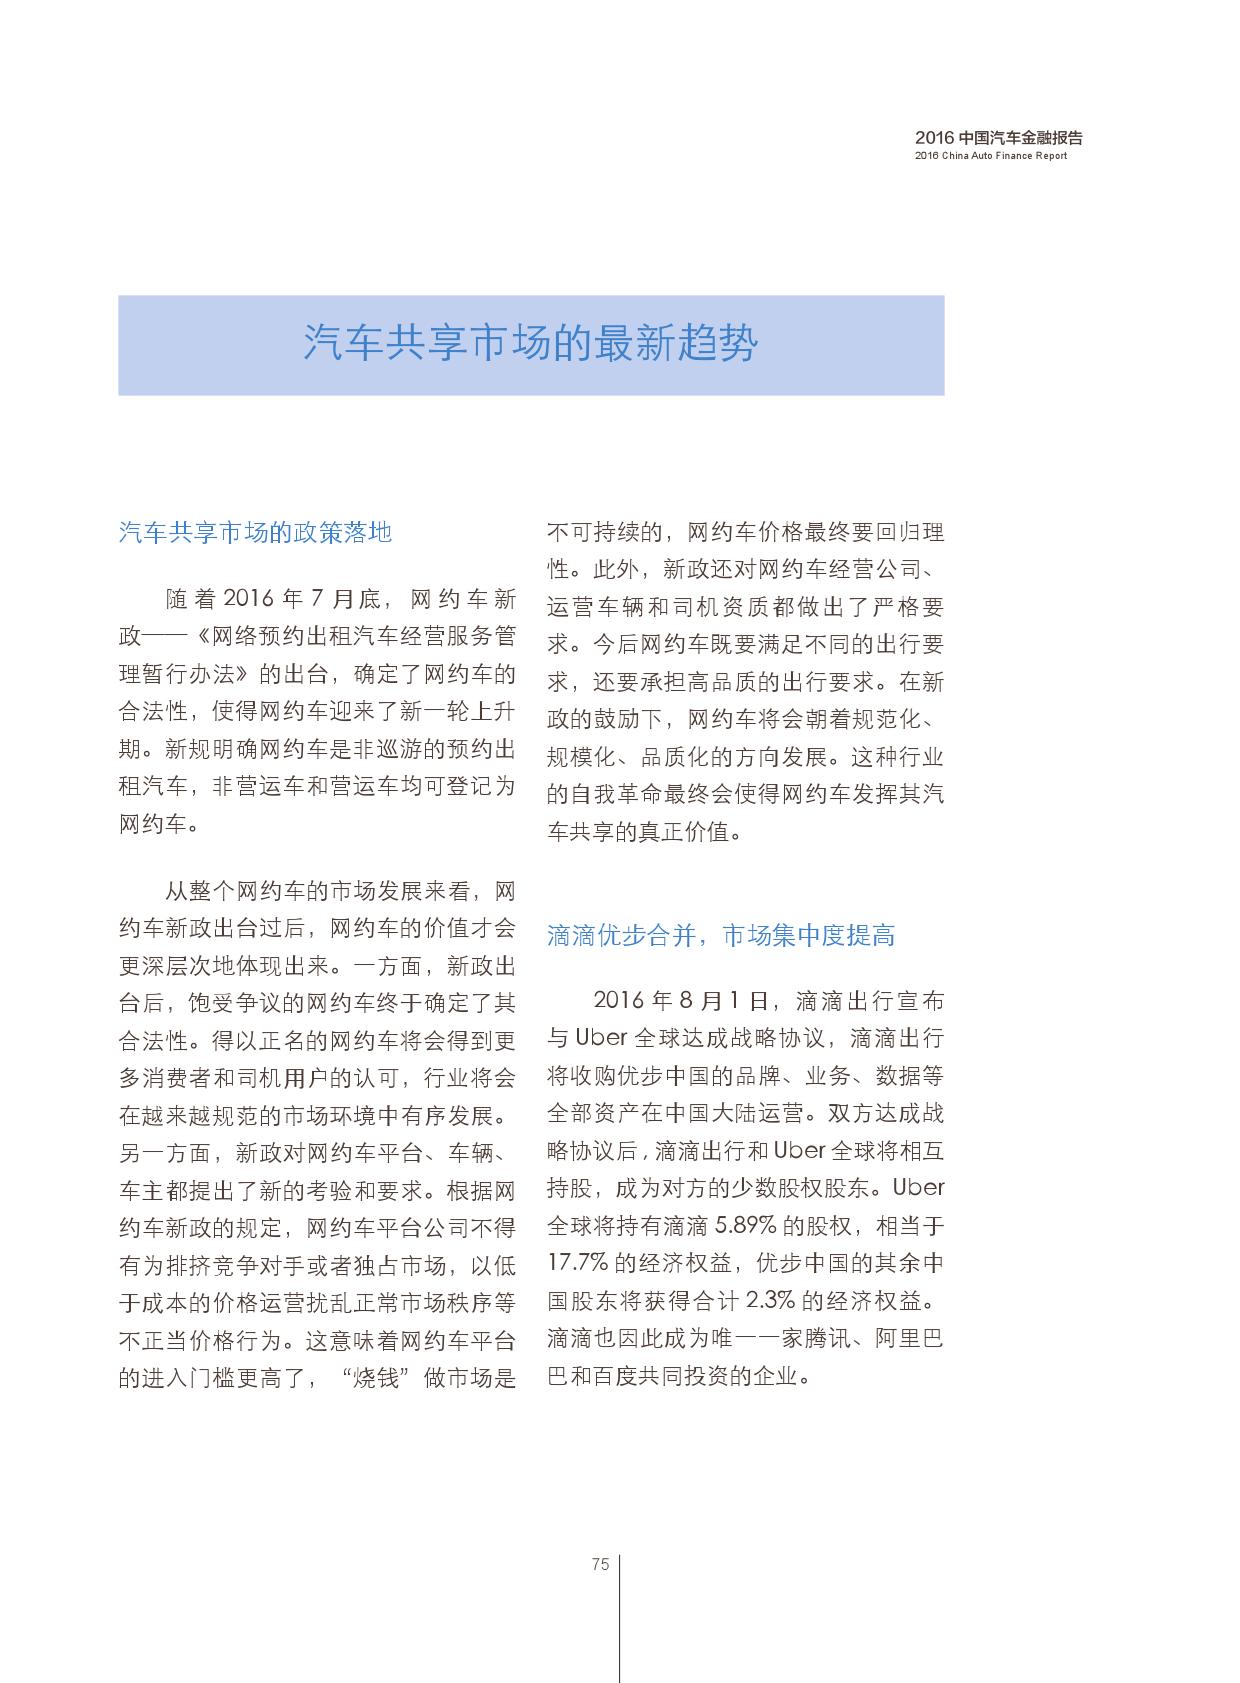 2016中国汽车金融报告_000076